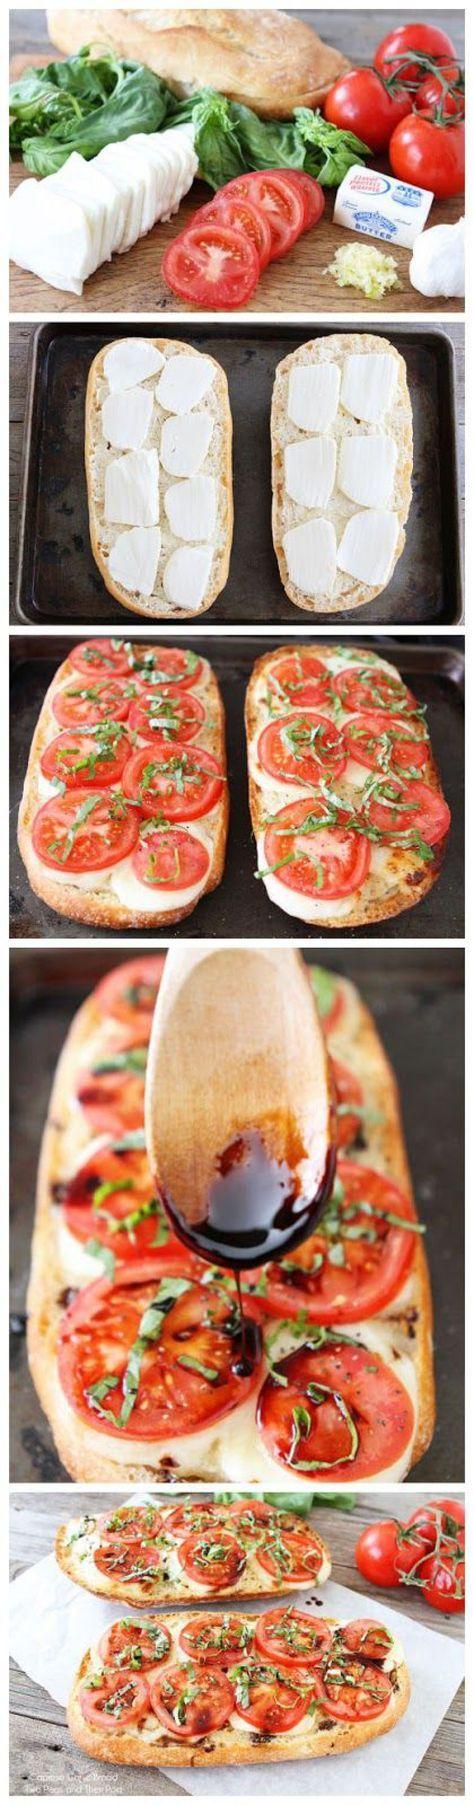 Das muss ich unbedingt ausprobieren. Das beste Knoblauch Brot ever! Erst Knoblauch Butter selber machen und auf das Ciabatta Brot schmieren. Dann Mozzarella drauf legen und das Brot backen bis es god braun wird. Dann Tomaten und Basilikum drauf legen und etwas Balsamico und fertig!